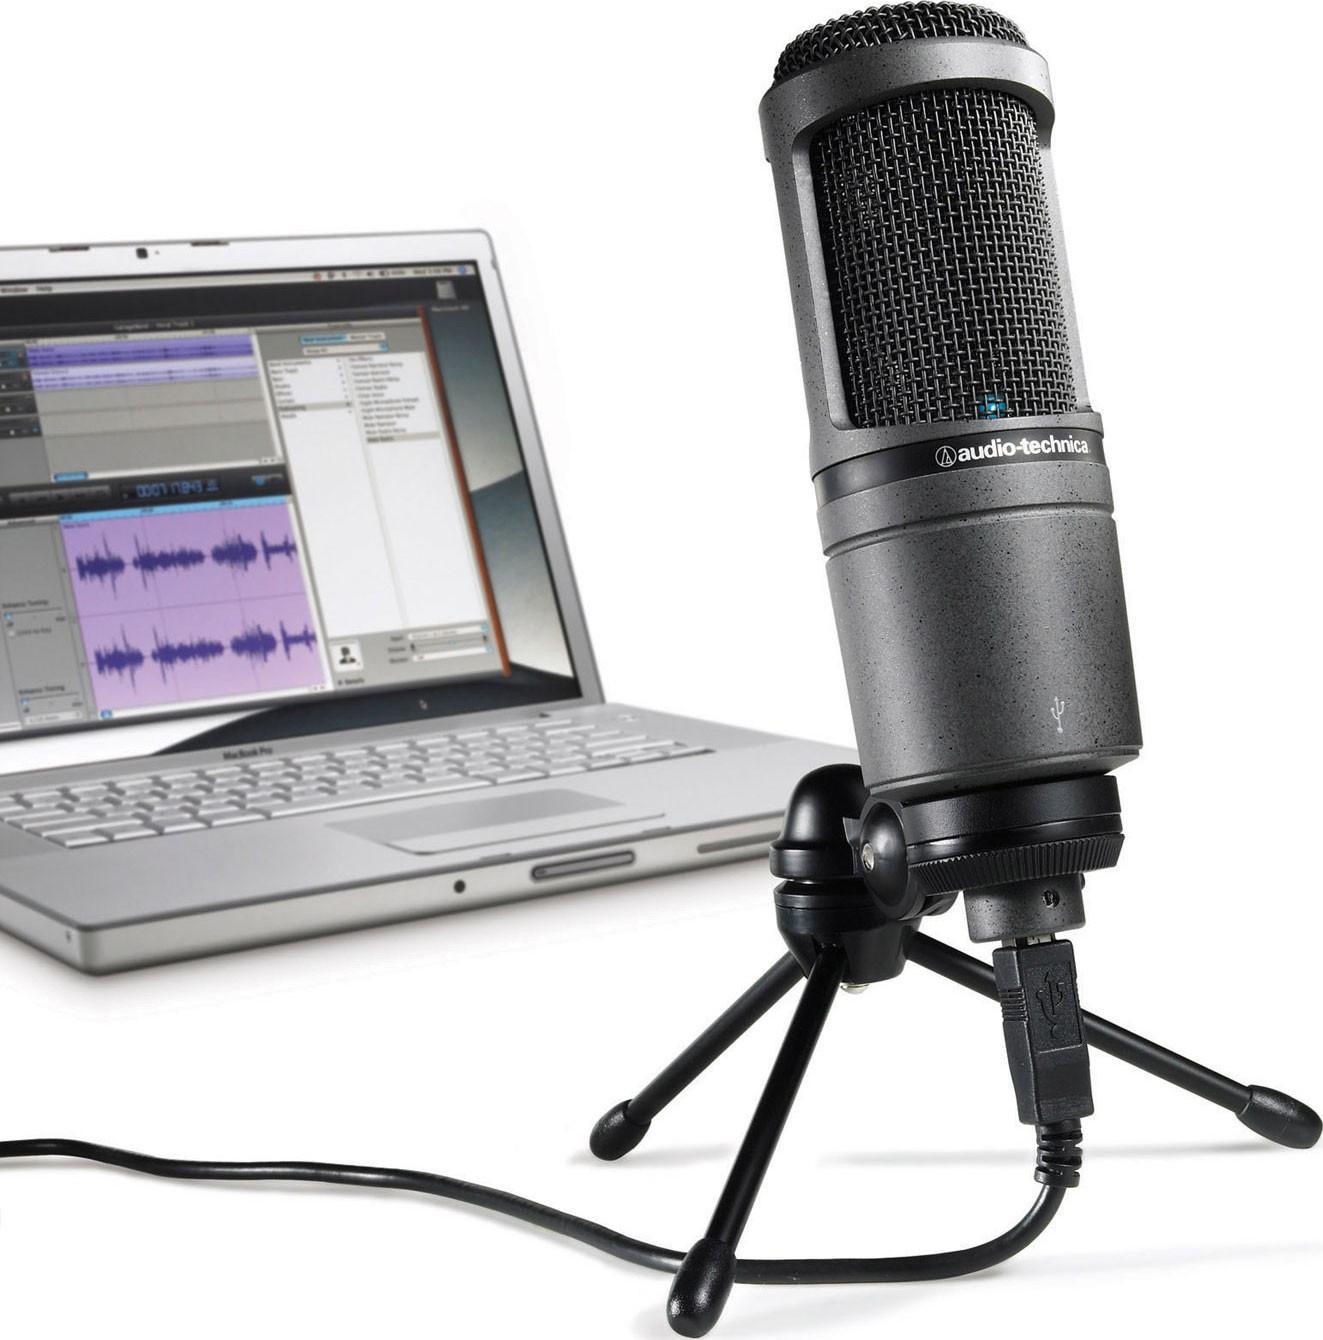 инструкция к микрофону audio technica mb1k